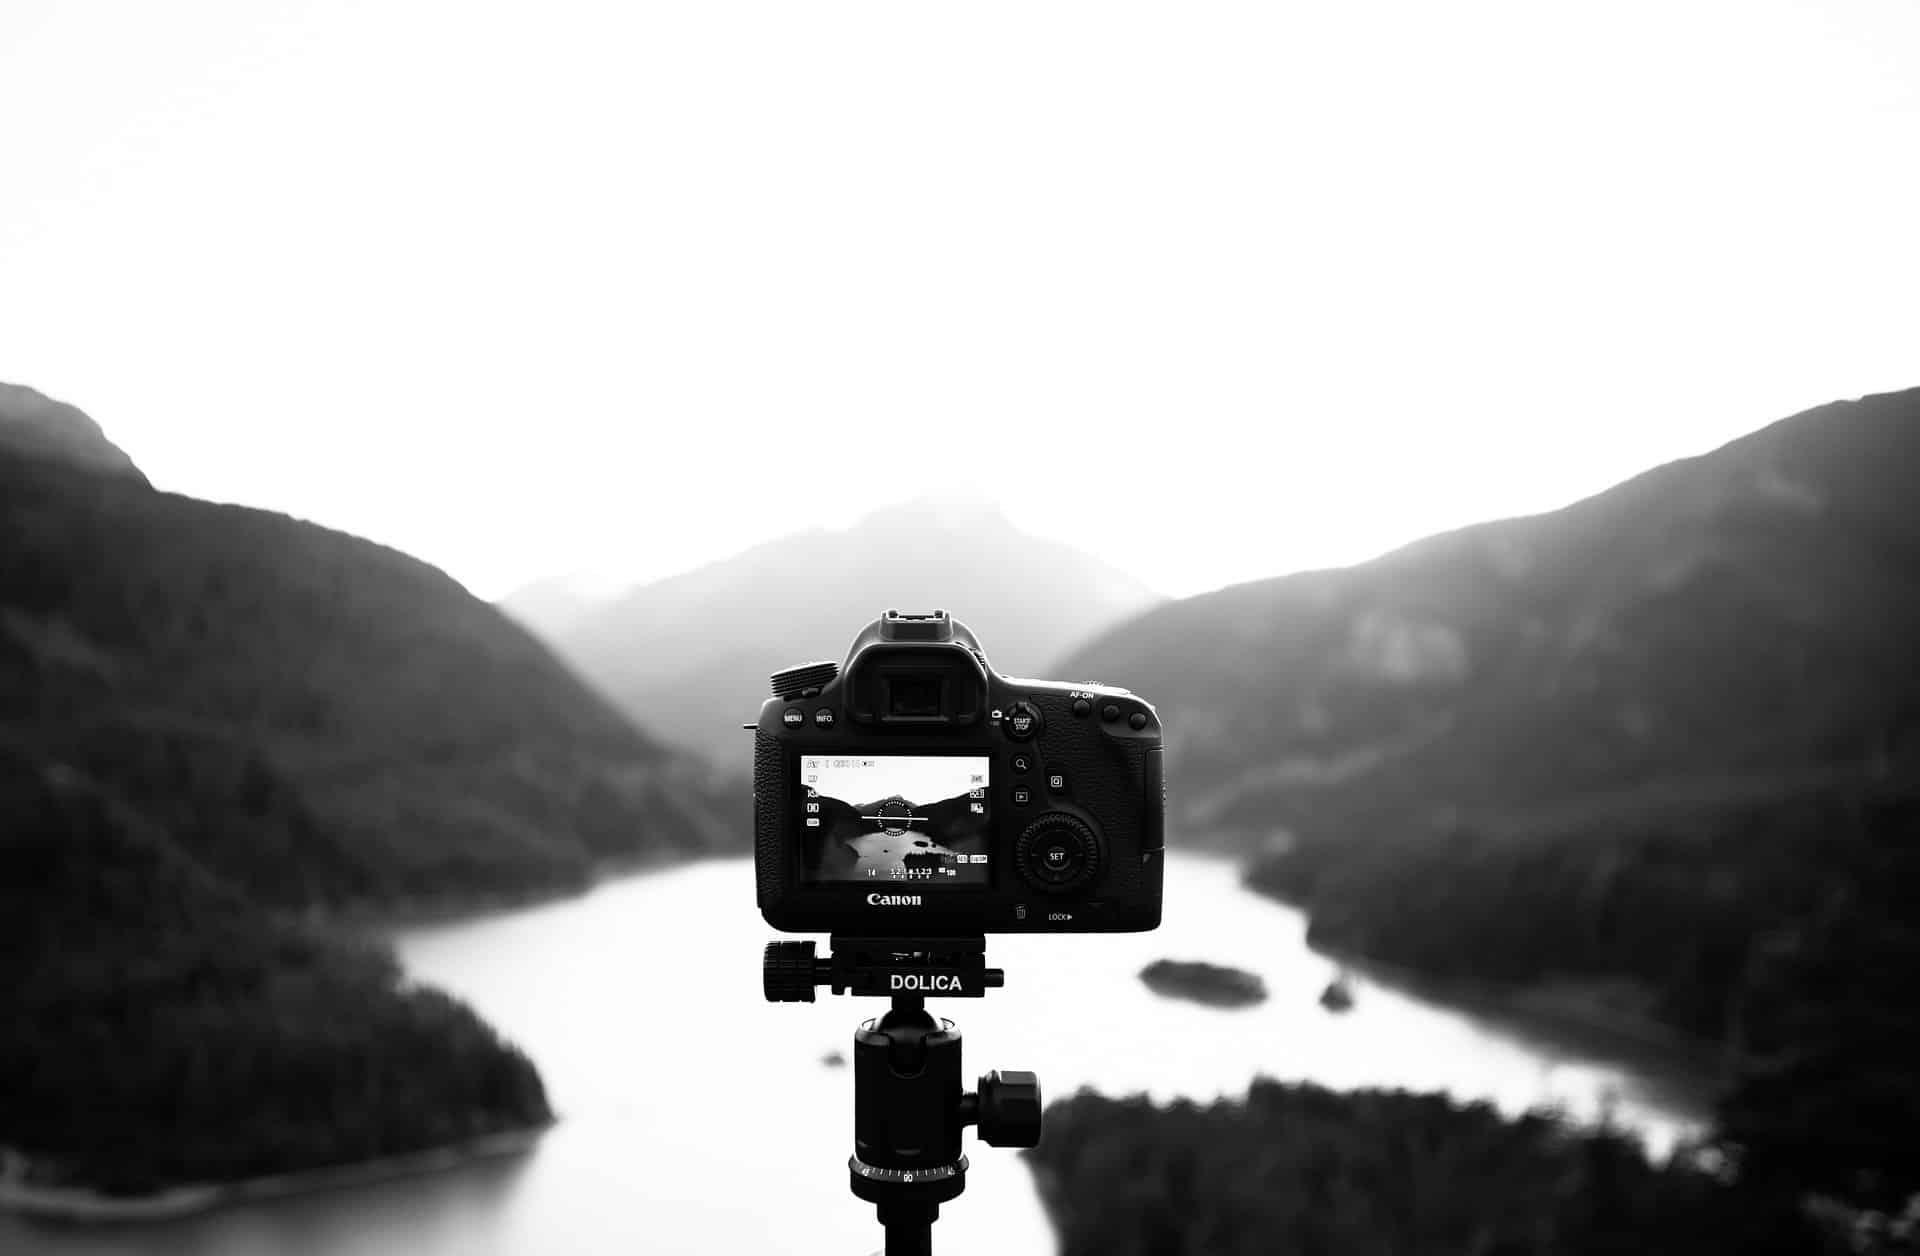 astrophotographie fonctionnement appareil photo